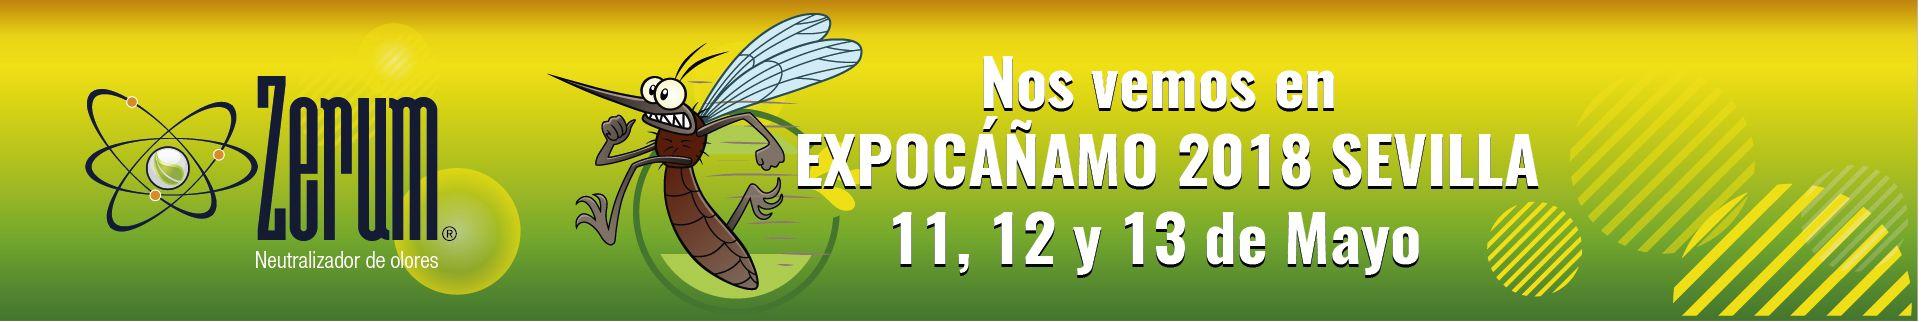 Expocáñamo Sevilla 2018